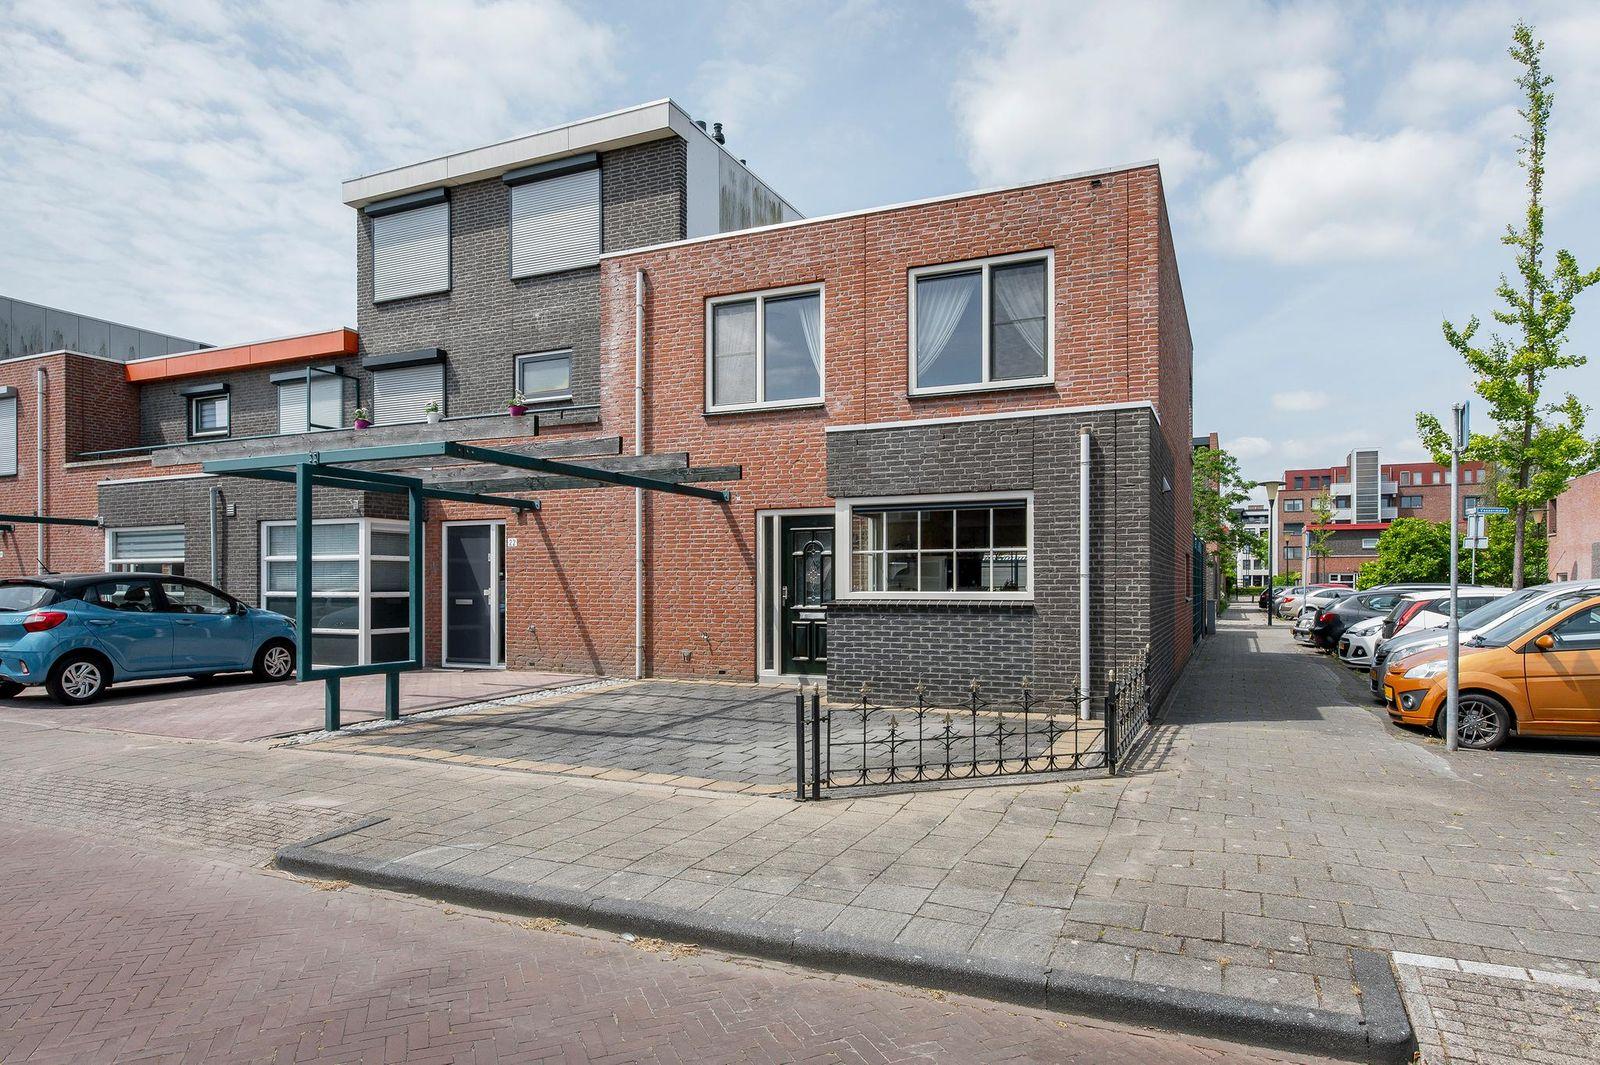 Braassemermeer 24, Barendrecht